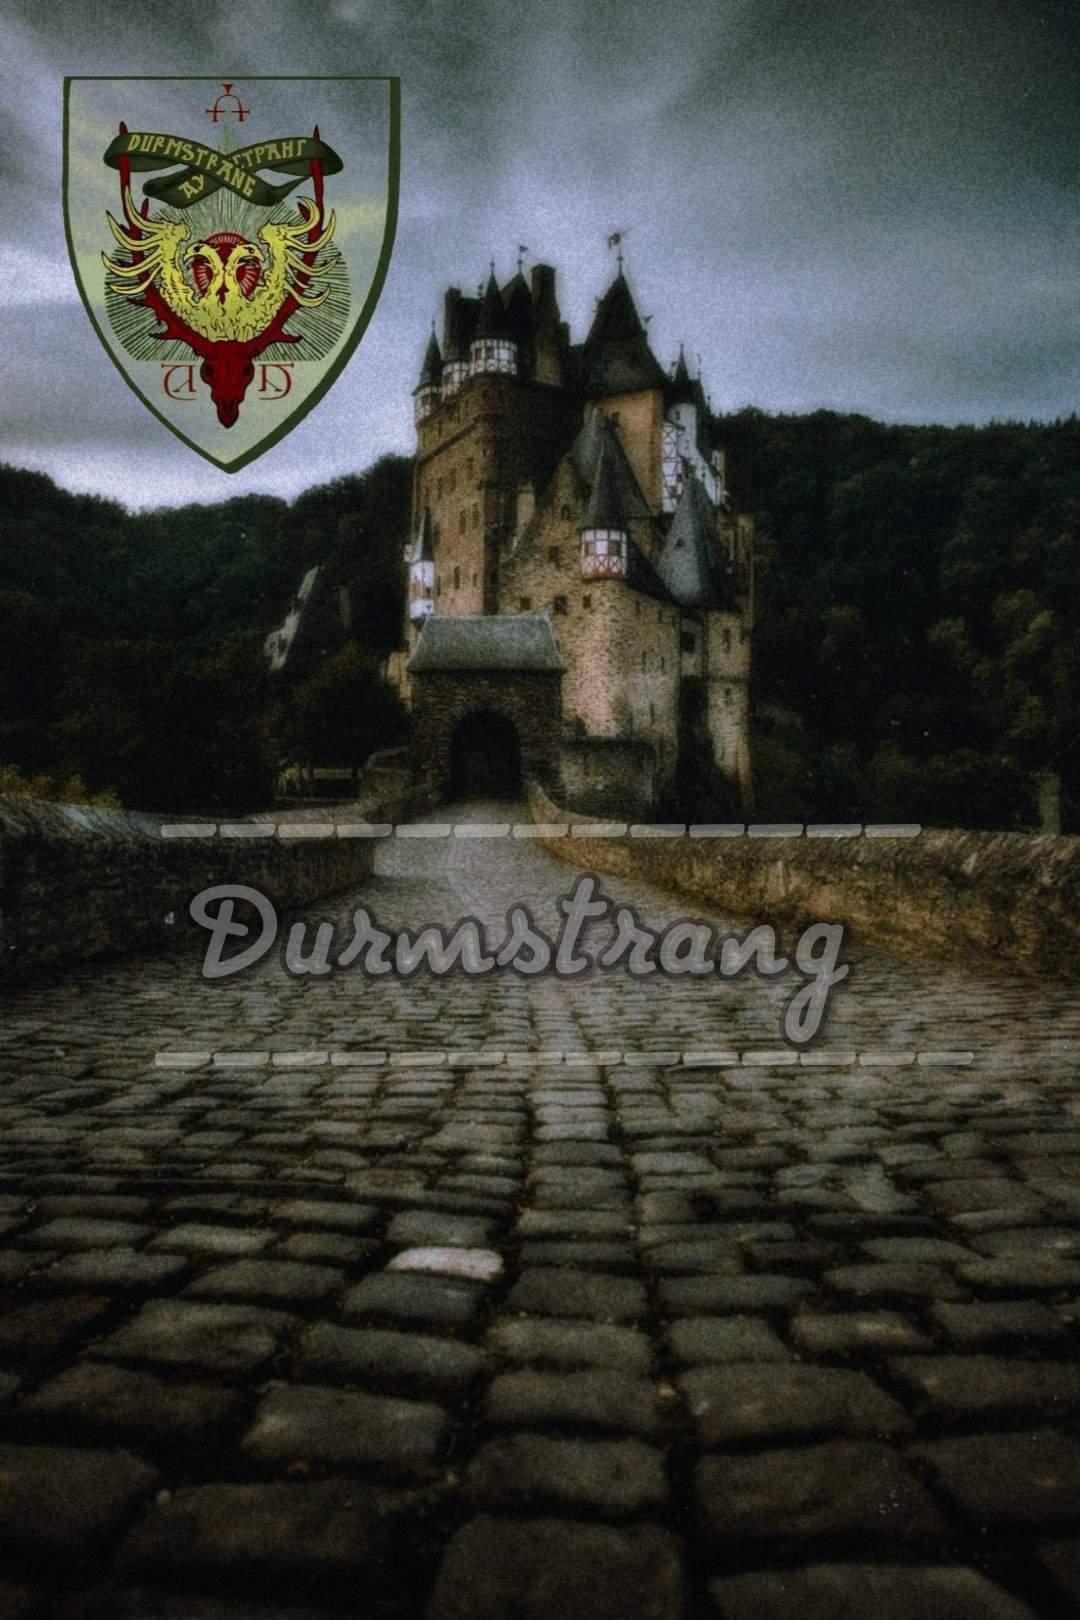 Durmstrang Institute Wiki Harry Potter Amino Yüzyılın en tehlikeli büyücülerinden gellert grindelwald'tu. amino apps